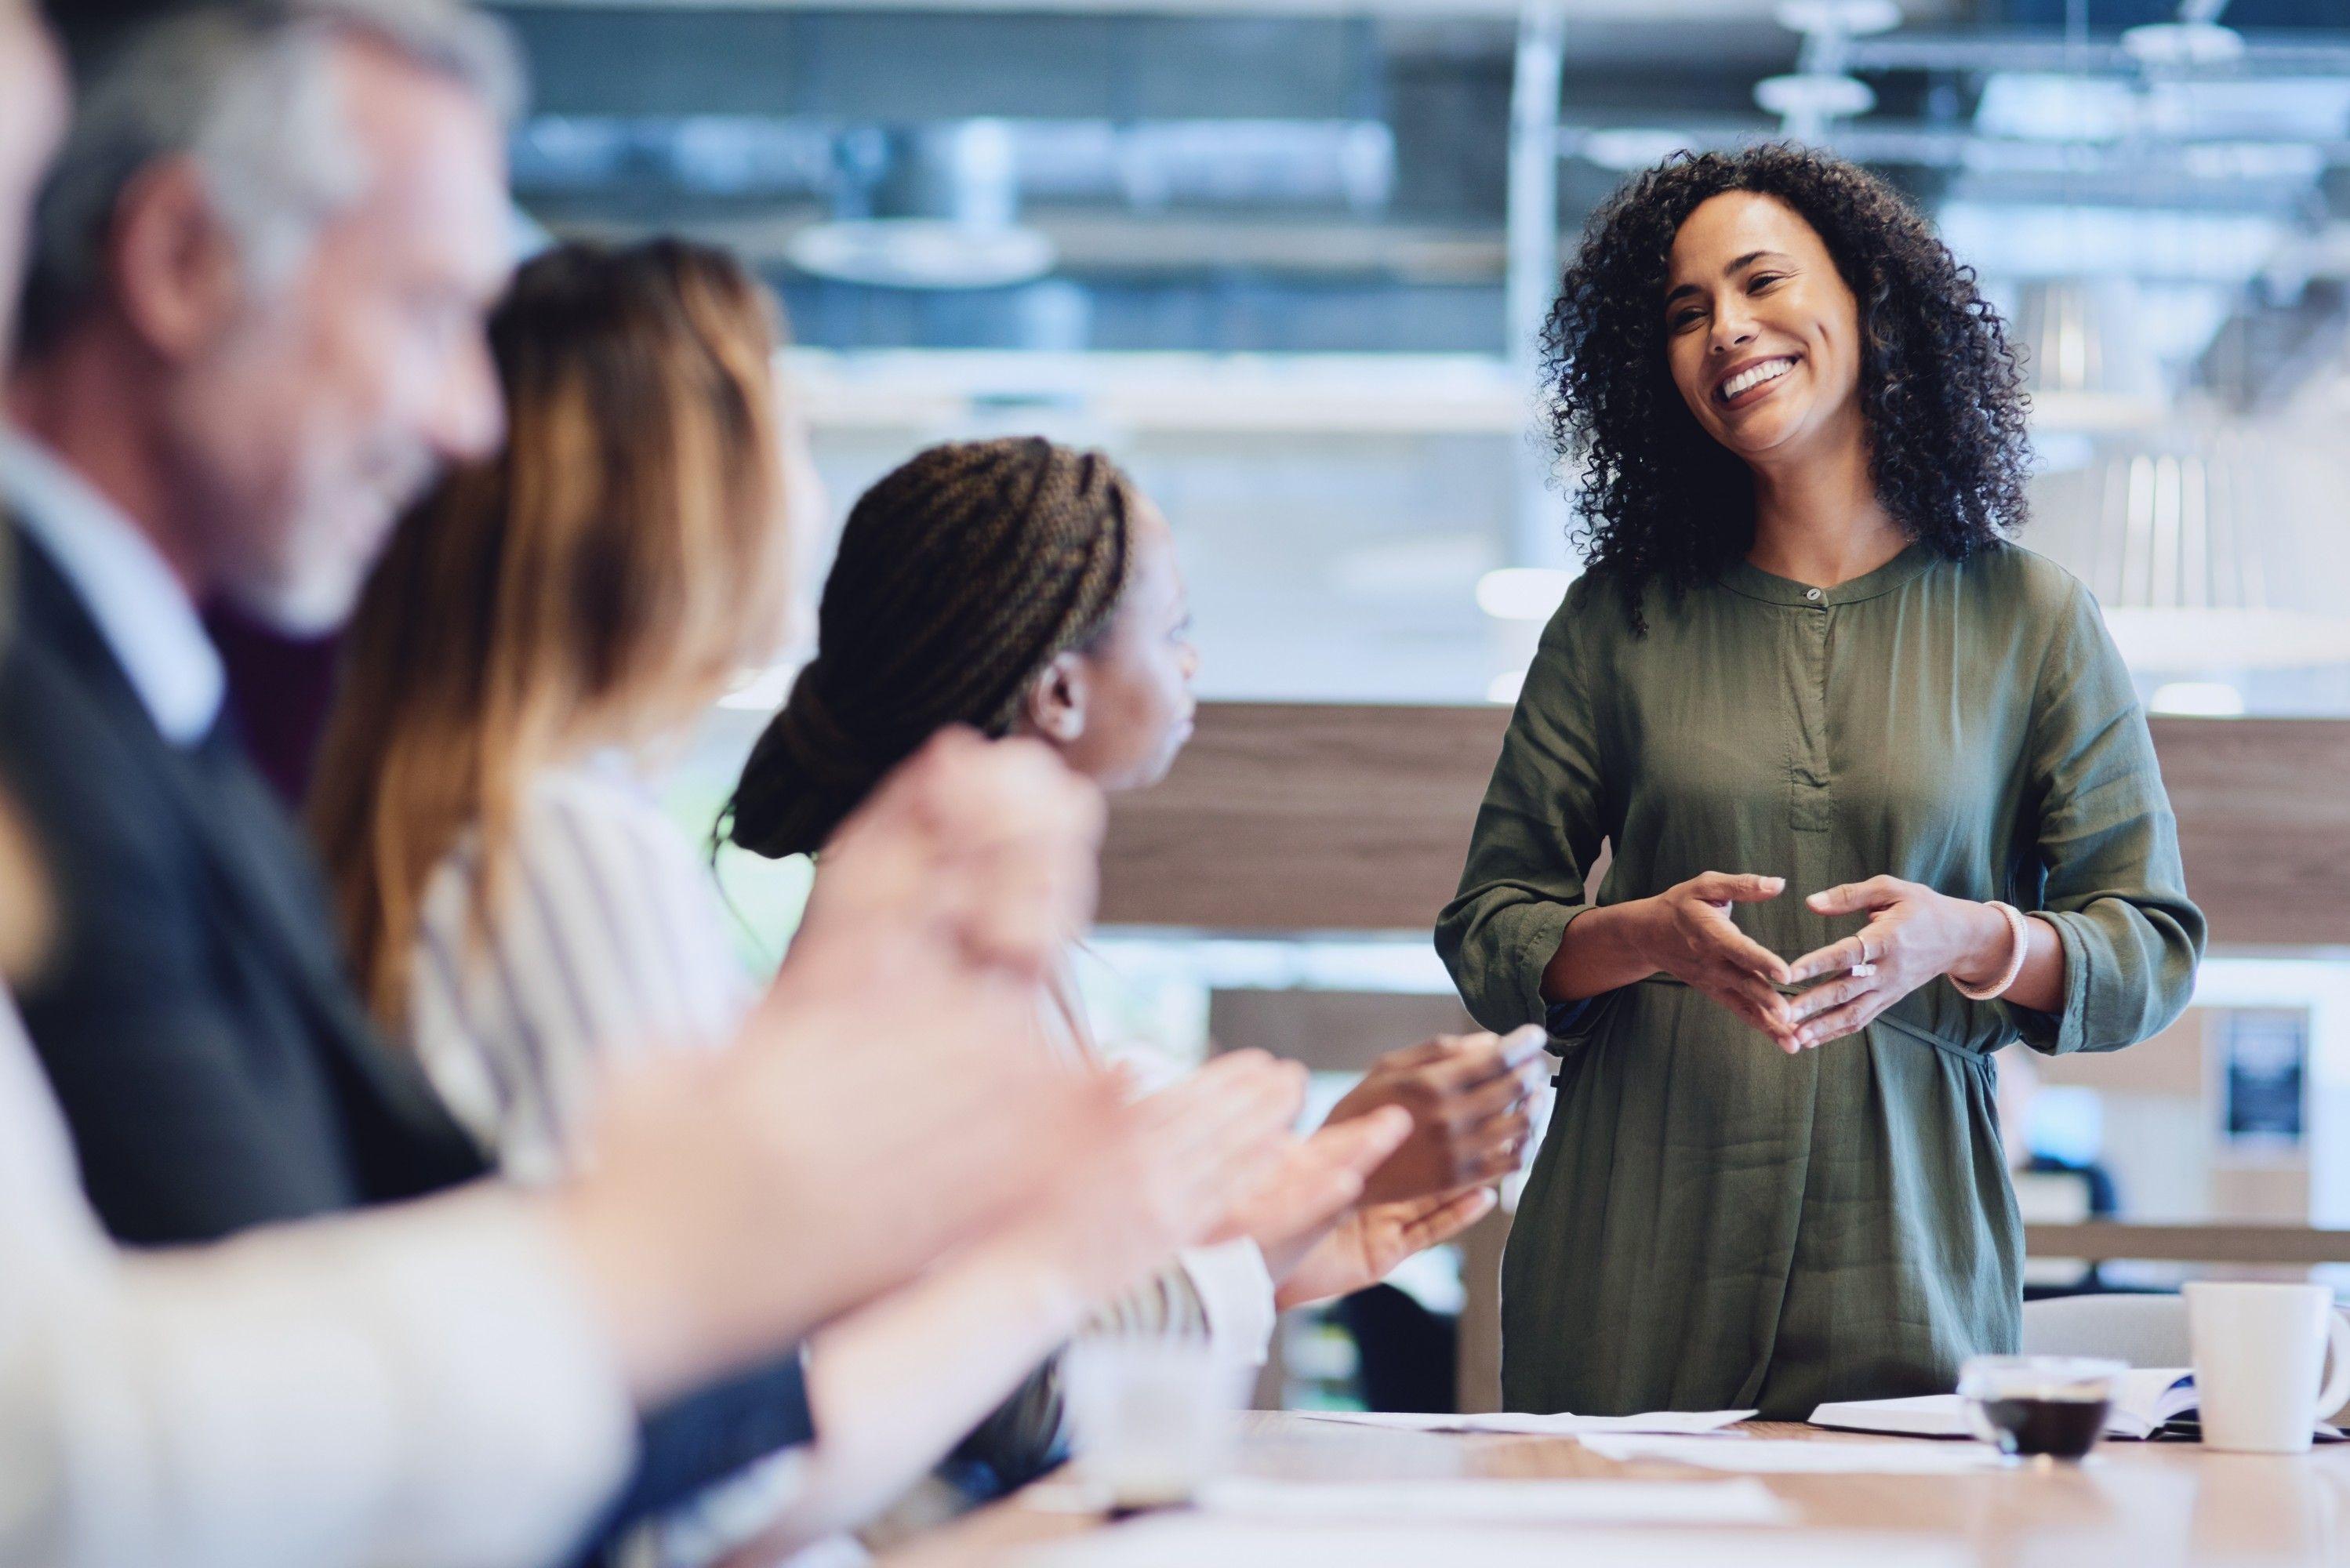 Guia de Carreira: saiba como alcançar o sucesso profissional